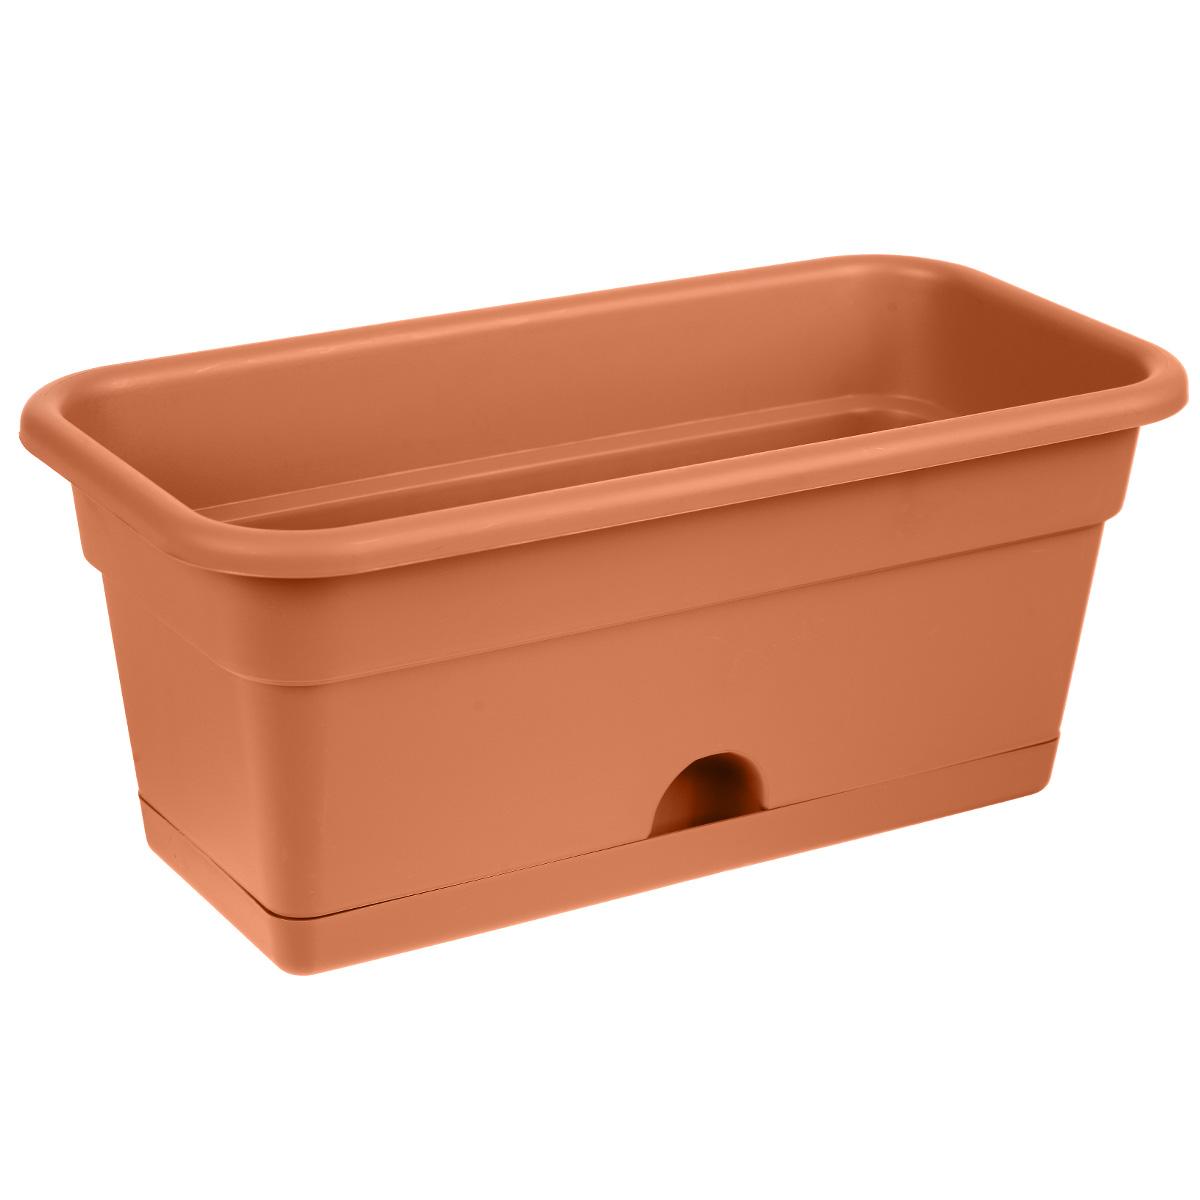 Балконный ящик Darel Plastic, с поддоном, цвет: терракотовый, 40 см х 20 см х 17 смЯБ0140Балконный ящик Darel Plastic изготовлен из прочного полипропилена (пластика). Снабжен поддоном для стока воды. Система нижнего полива очень удобна для отдельного вида растений - при этом вода наливается не сверху, а внутрь поддона. Изделие прекрасно подходит для выращивания рассады, растений и цветов в домашних условиях.